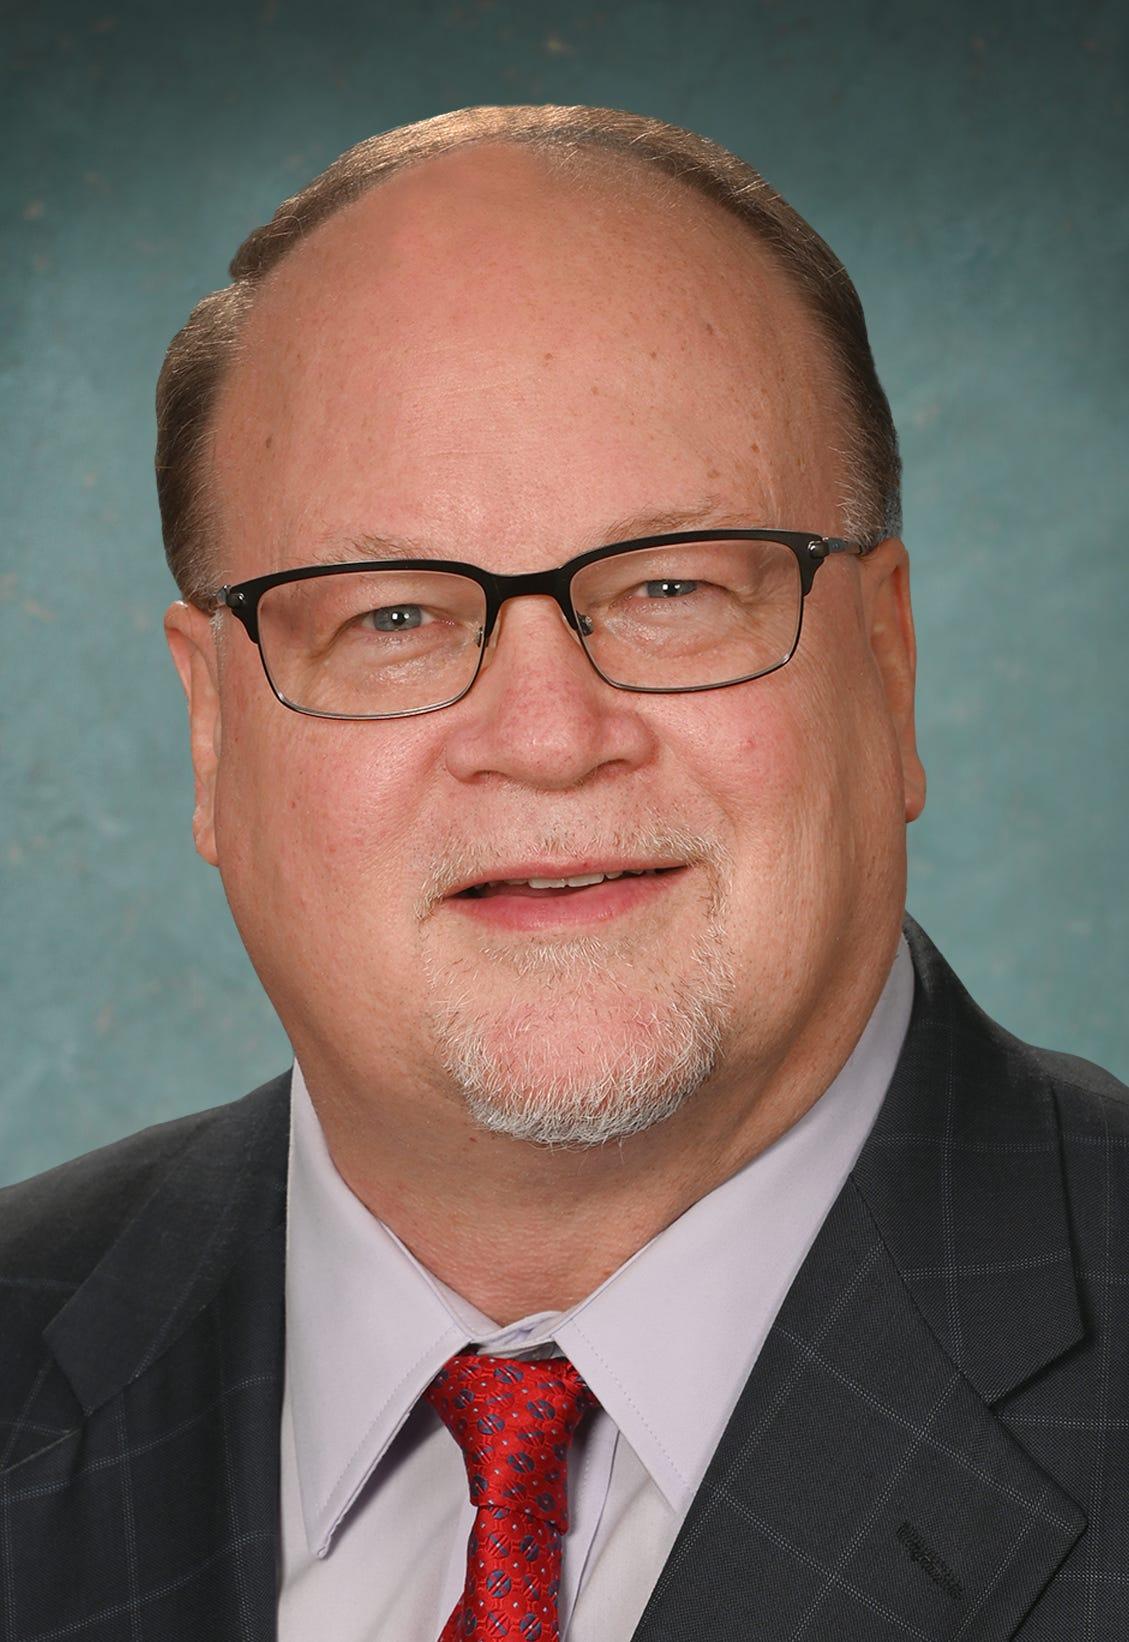 Michigan State Sen. Jim Runestad, R-White Lake